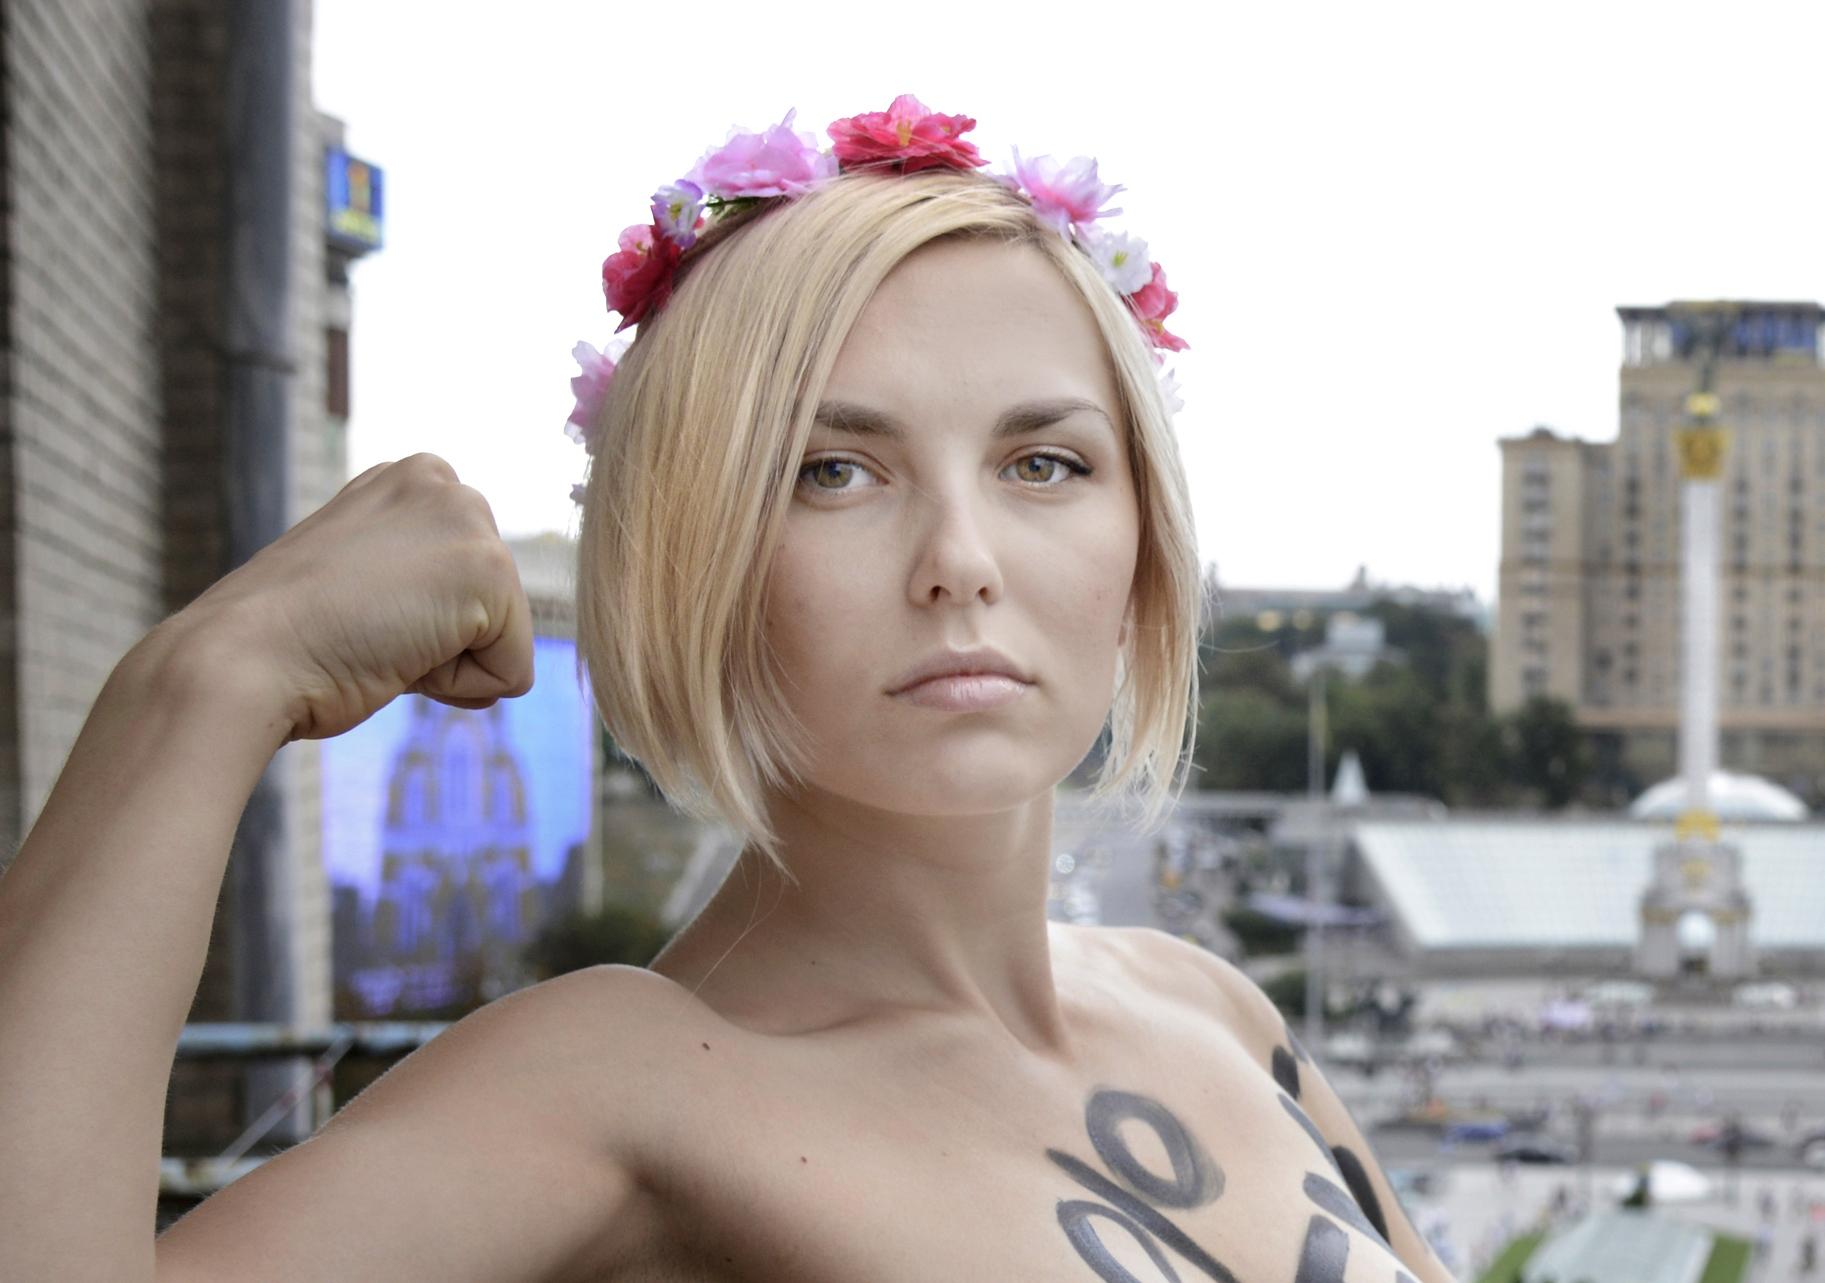 preity zinta fully nude